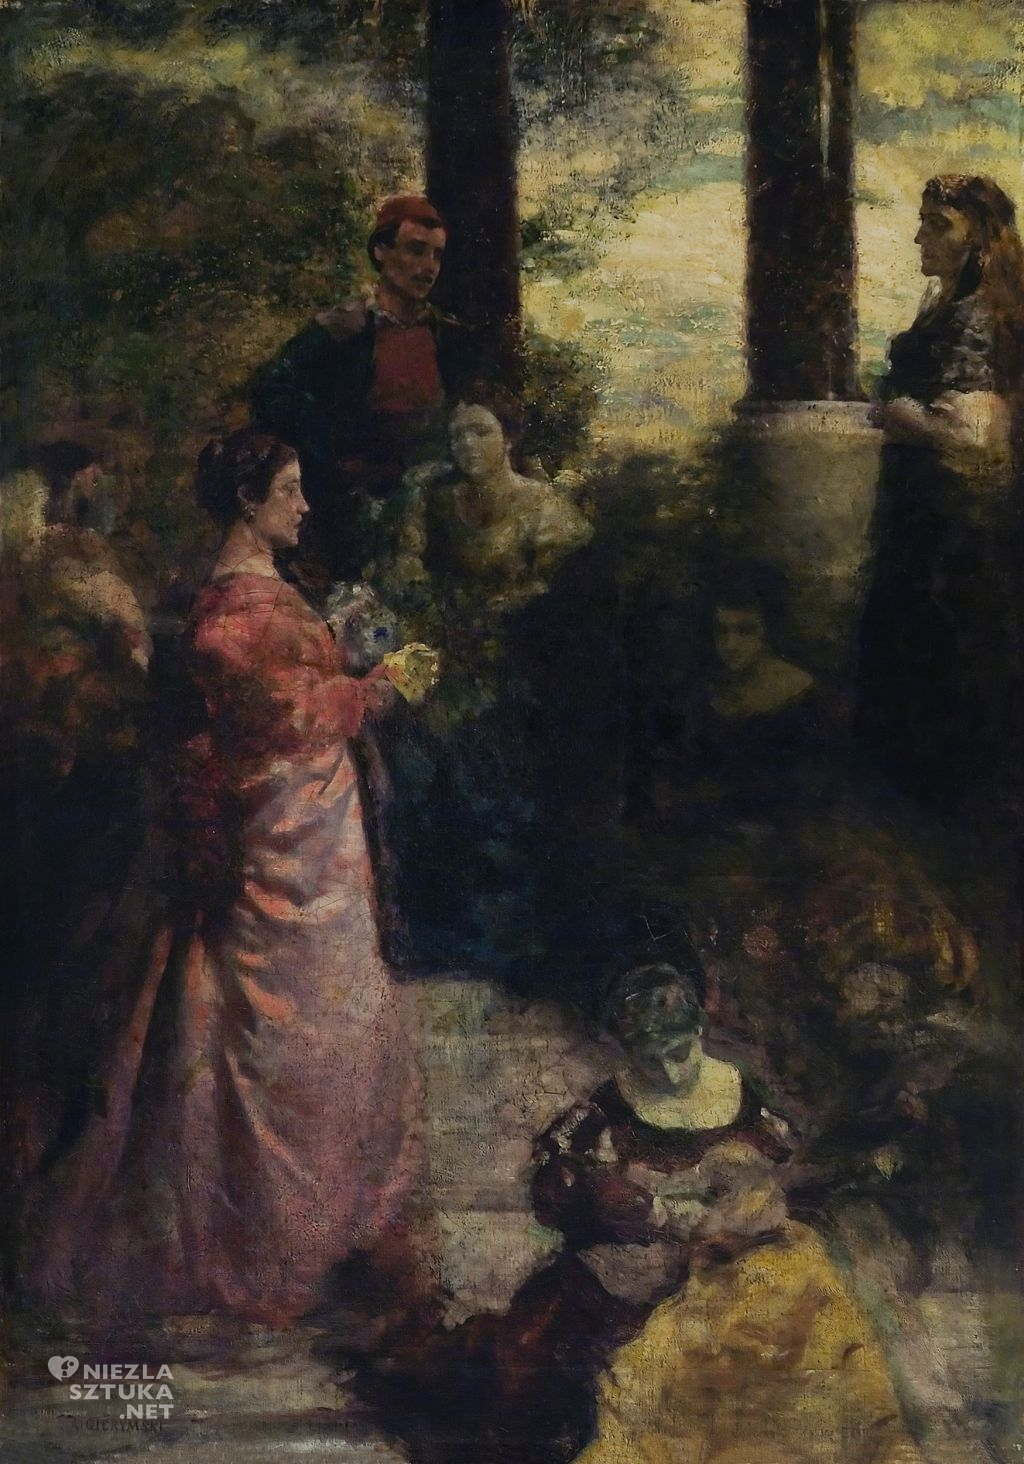 Aleksander Gierymski, Sjesta włoska I